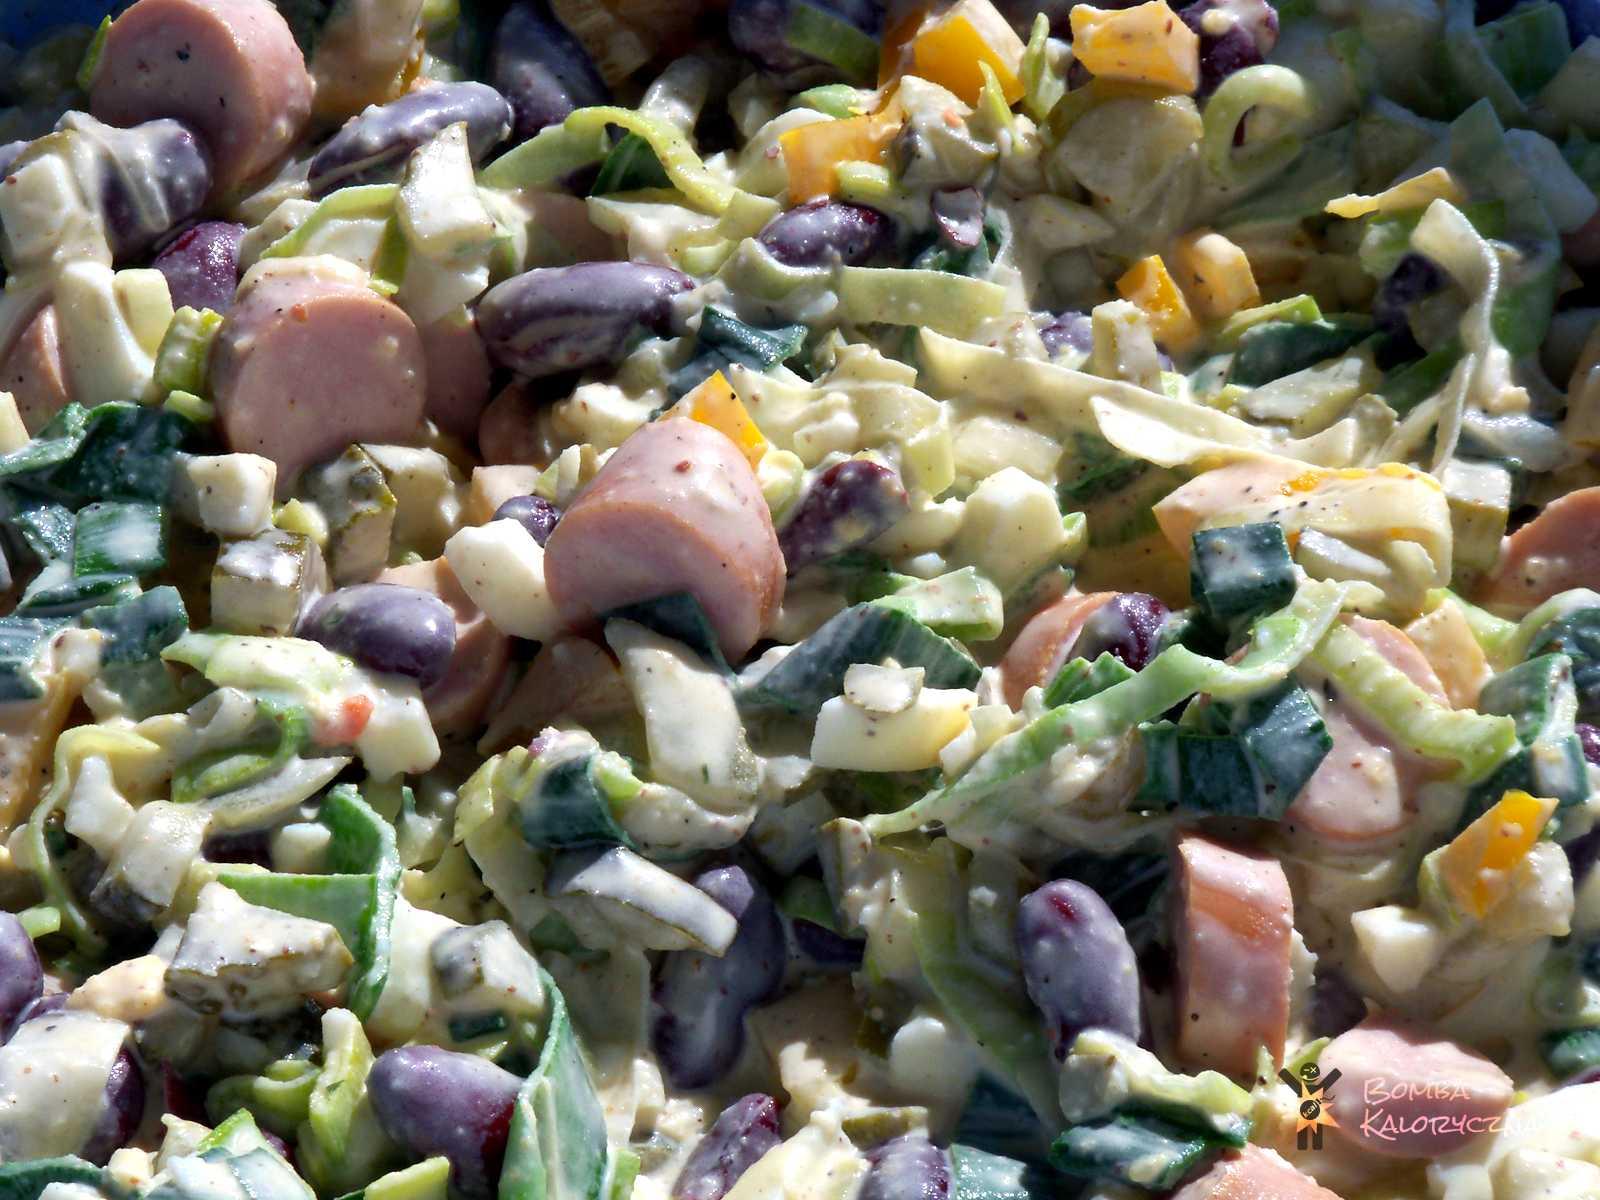 Jesienna sałatka porowa